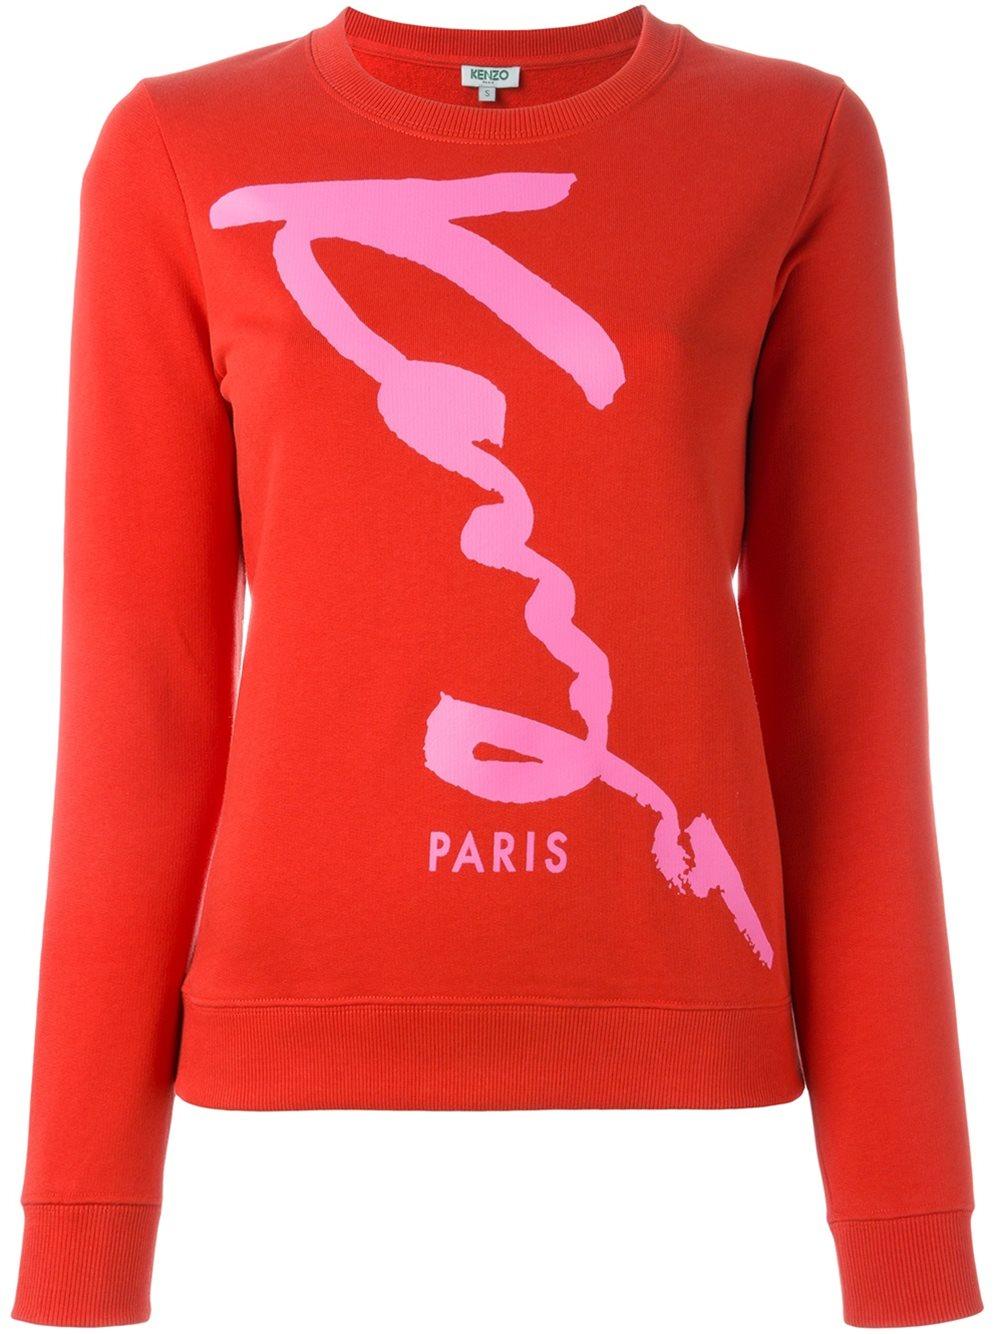 Sweat Logo Femme De À Paris Kenzo kenzo Linge Soldes Clothing w76qEIxd